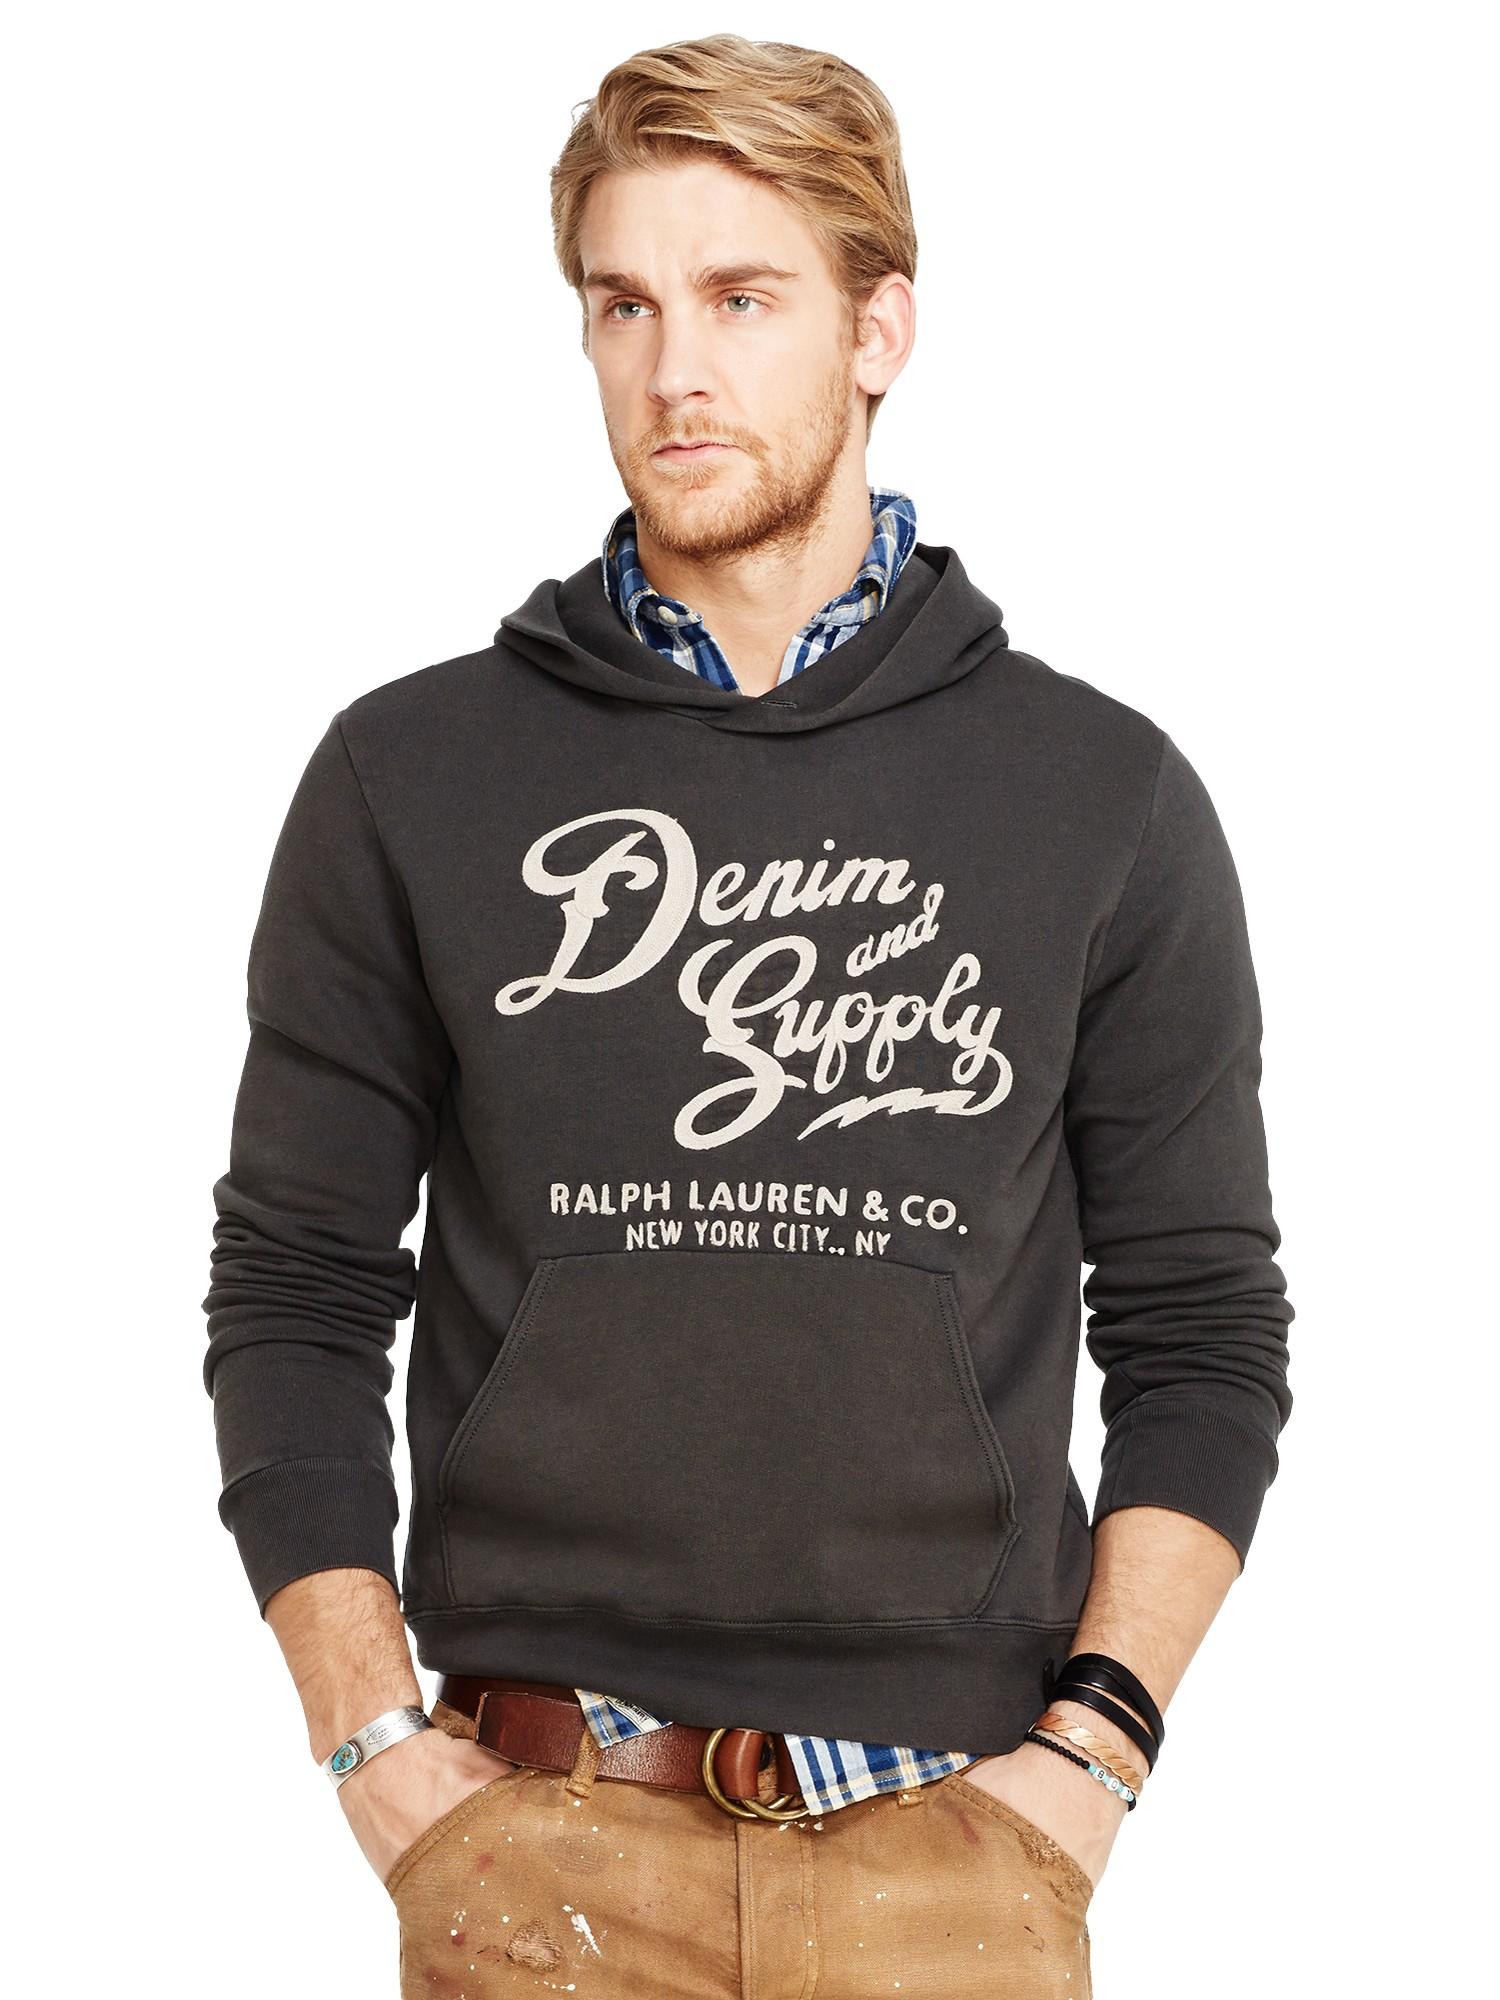 ralph lauren denim and supply hoodies